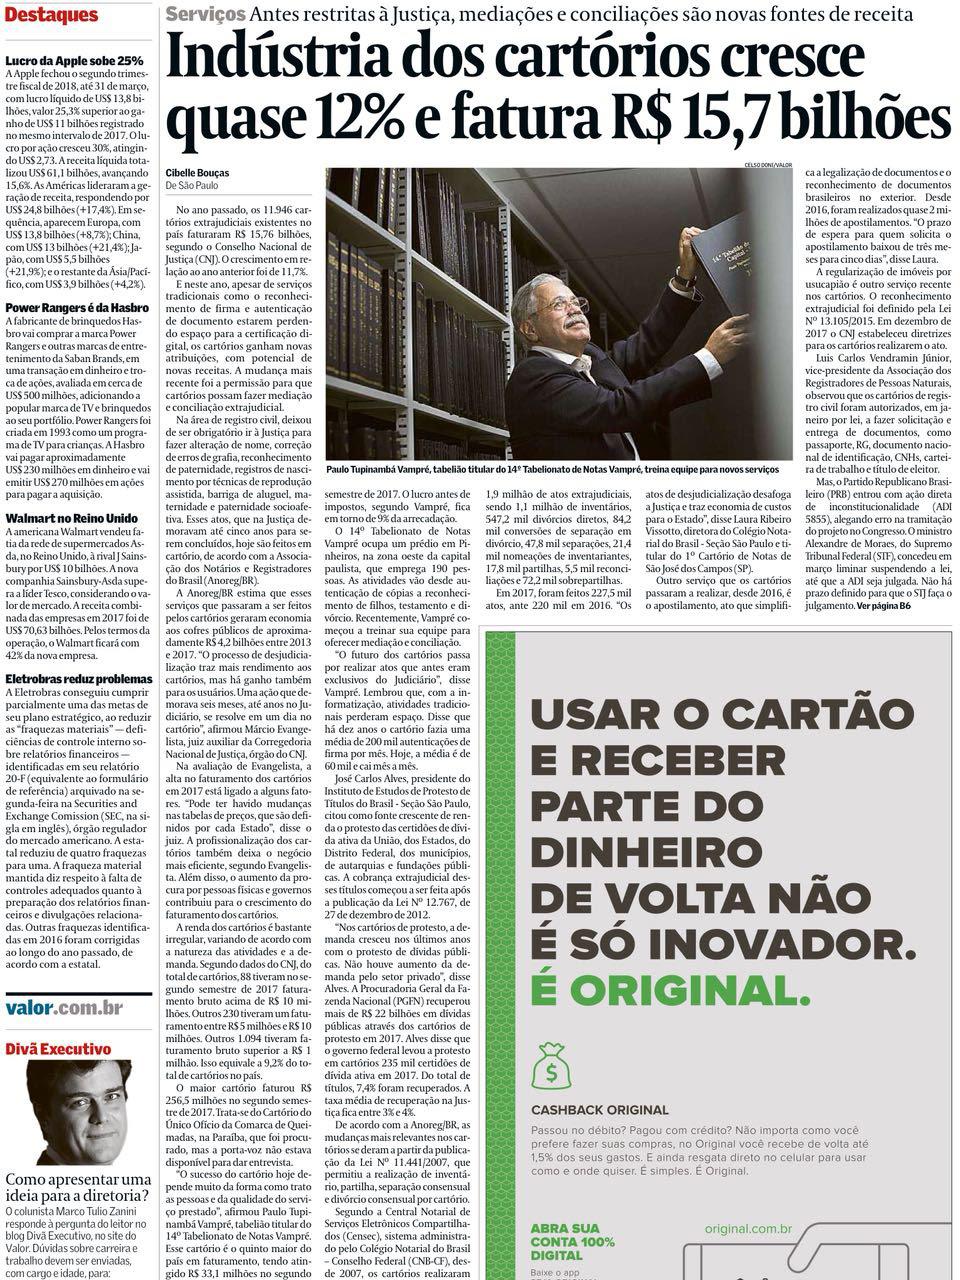 Ganho de Cartórios Revista Valor02